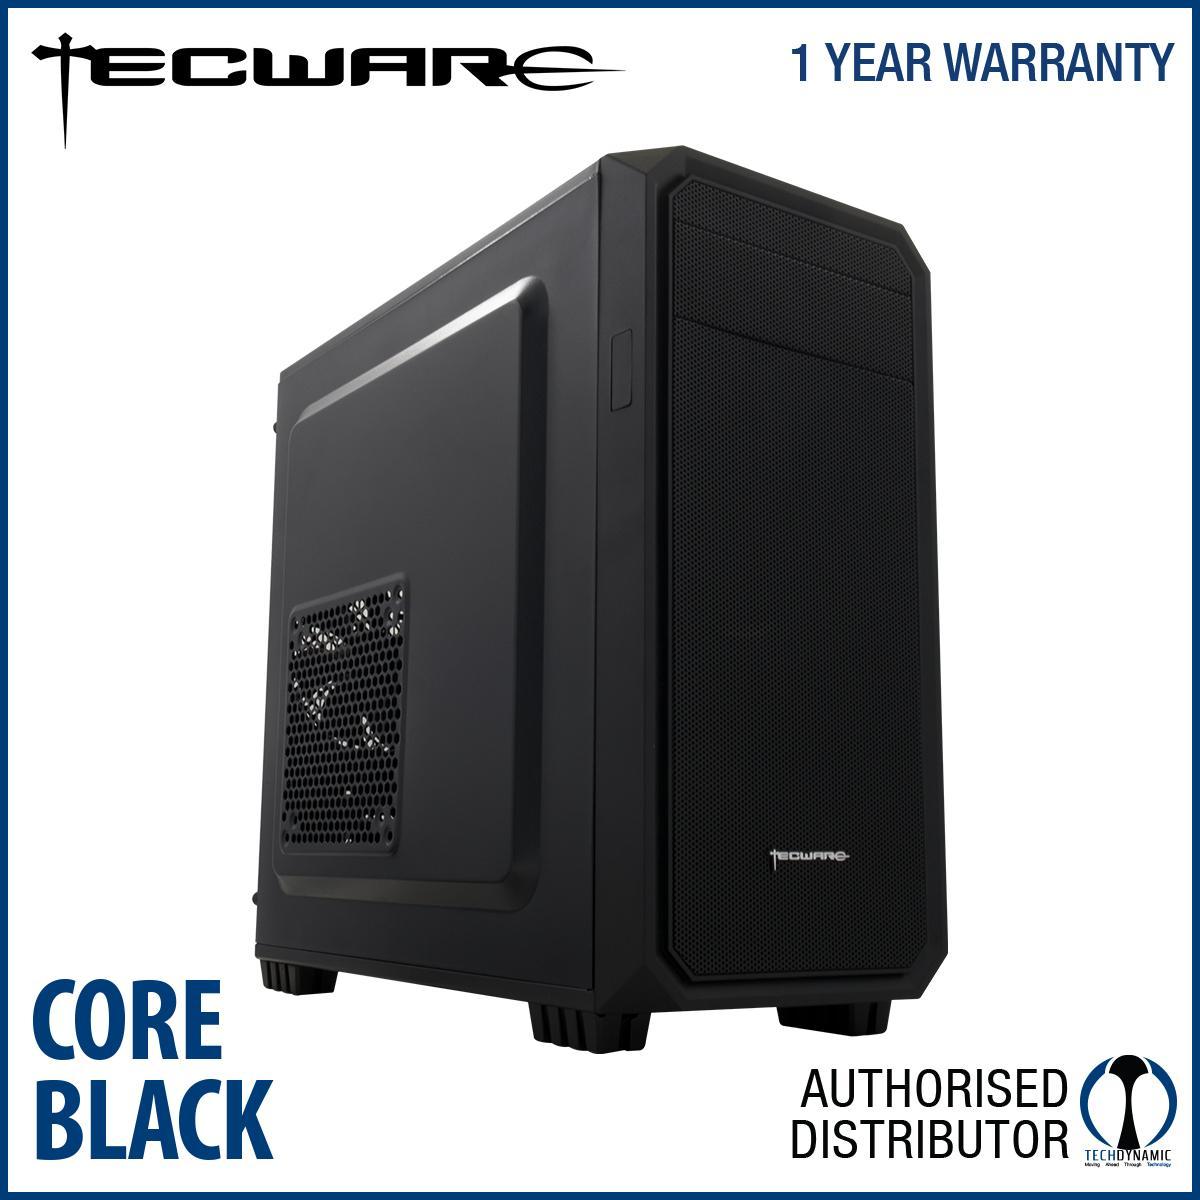 Compare Tecware Core Black Prices